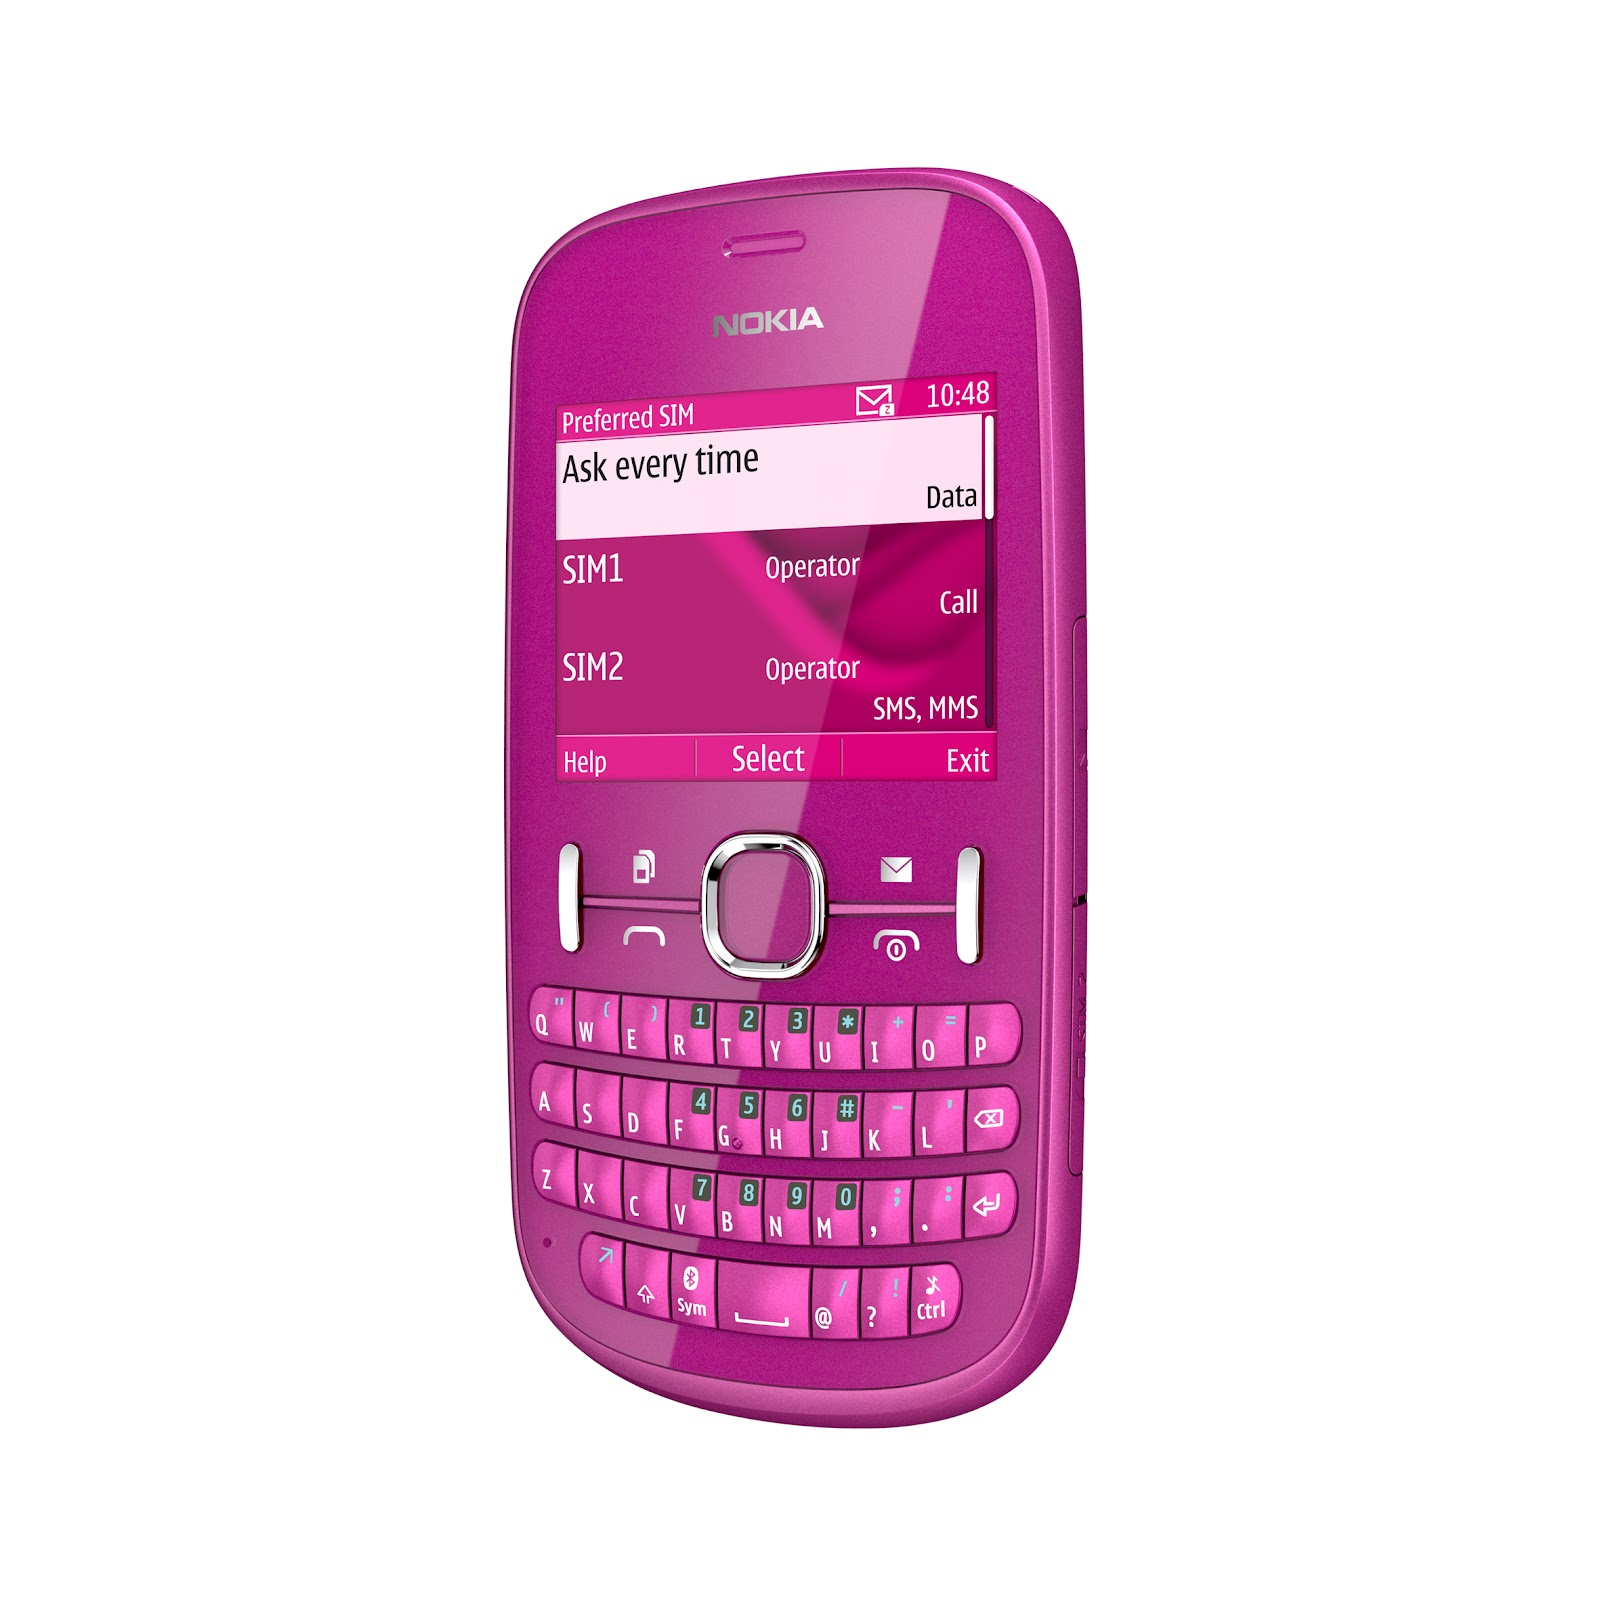 http://2.bp.blogspot.com/-qidEb2peKbc/T2NMqbDg9YI/AAAAAAAABn4/5esj5Ym_Pdg/s1600/Nokia%20200_03.jpg